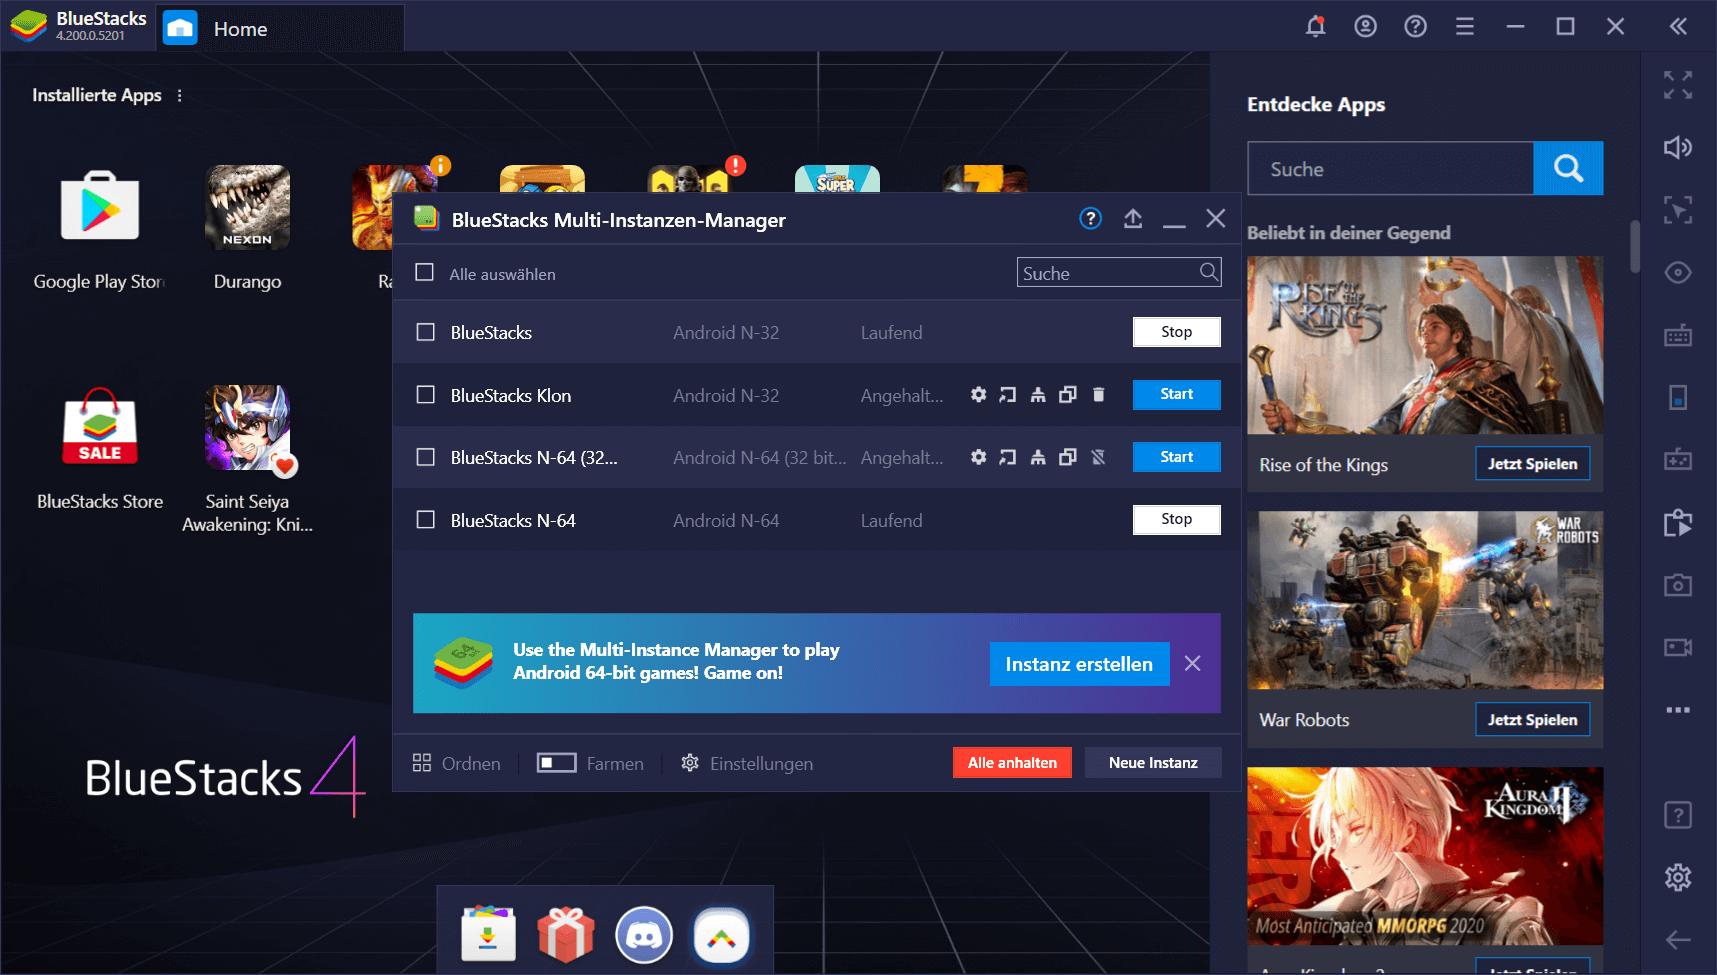 BlueStacks Version 4.200 – Spiele sowohl 64-Bit- als auch 32-Bit-Android-Spiele im selben Client